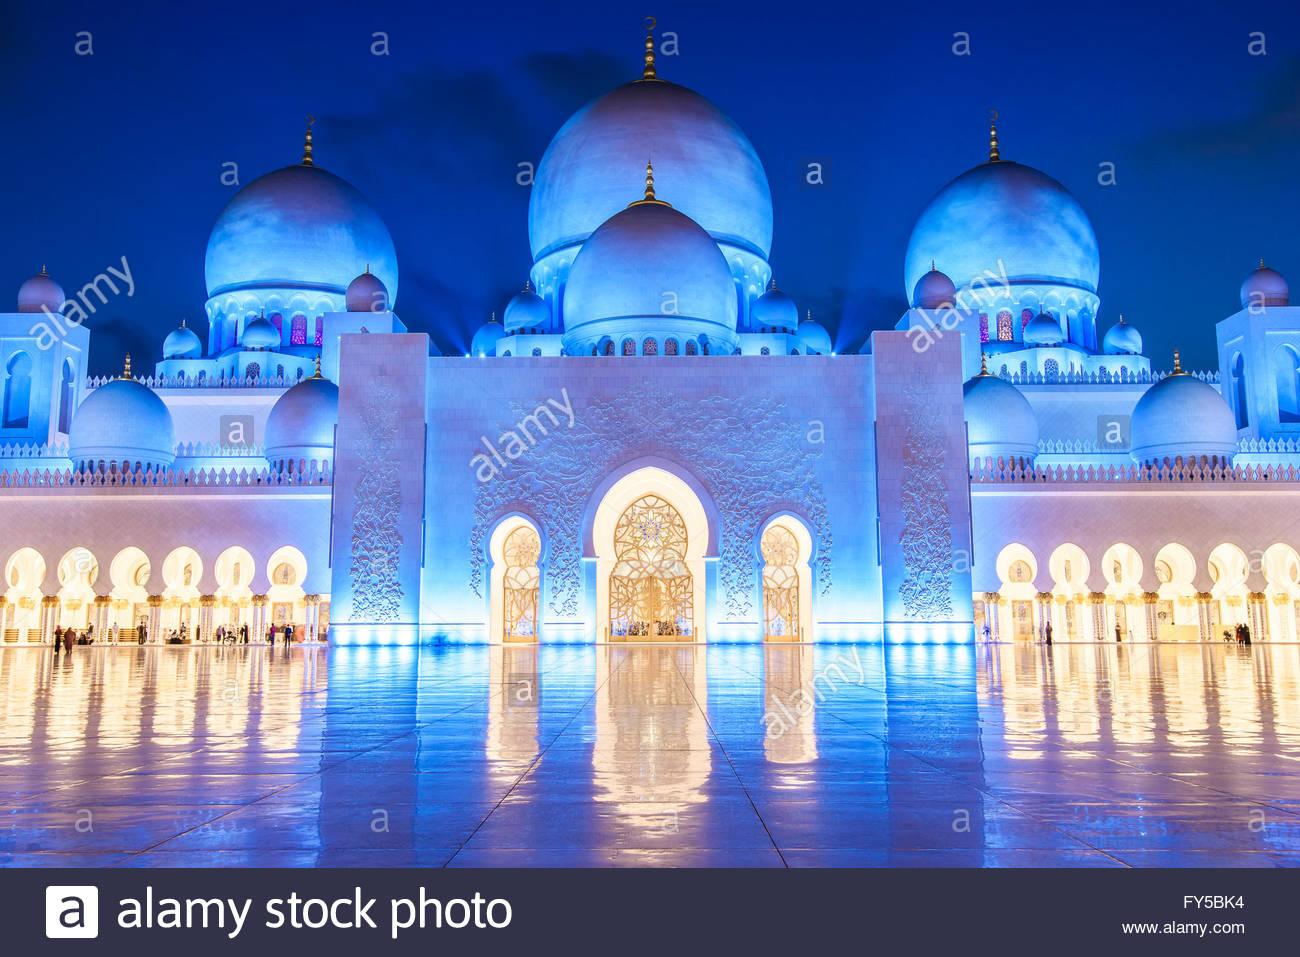 Abu Dhabi accueille la troisième plus grande mosquée du monde, après celles de La Mecque et Médine Photo Stock